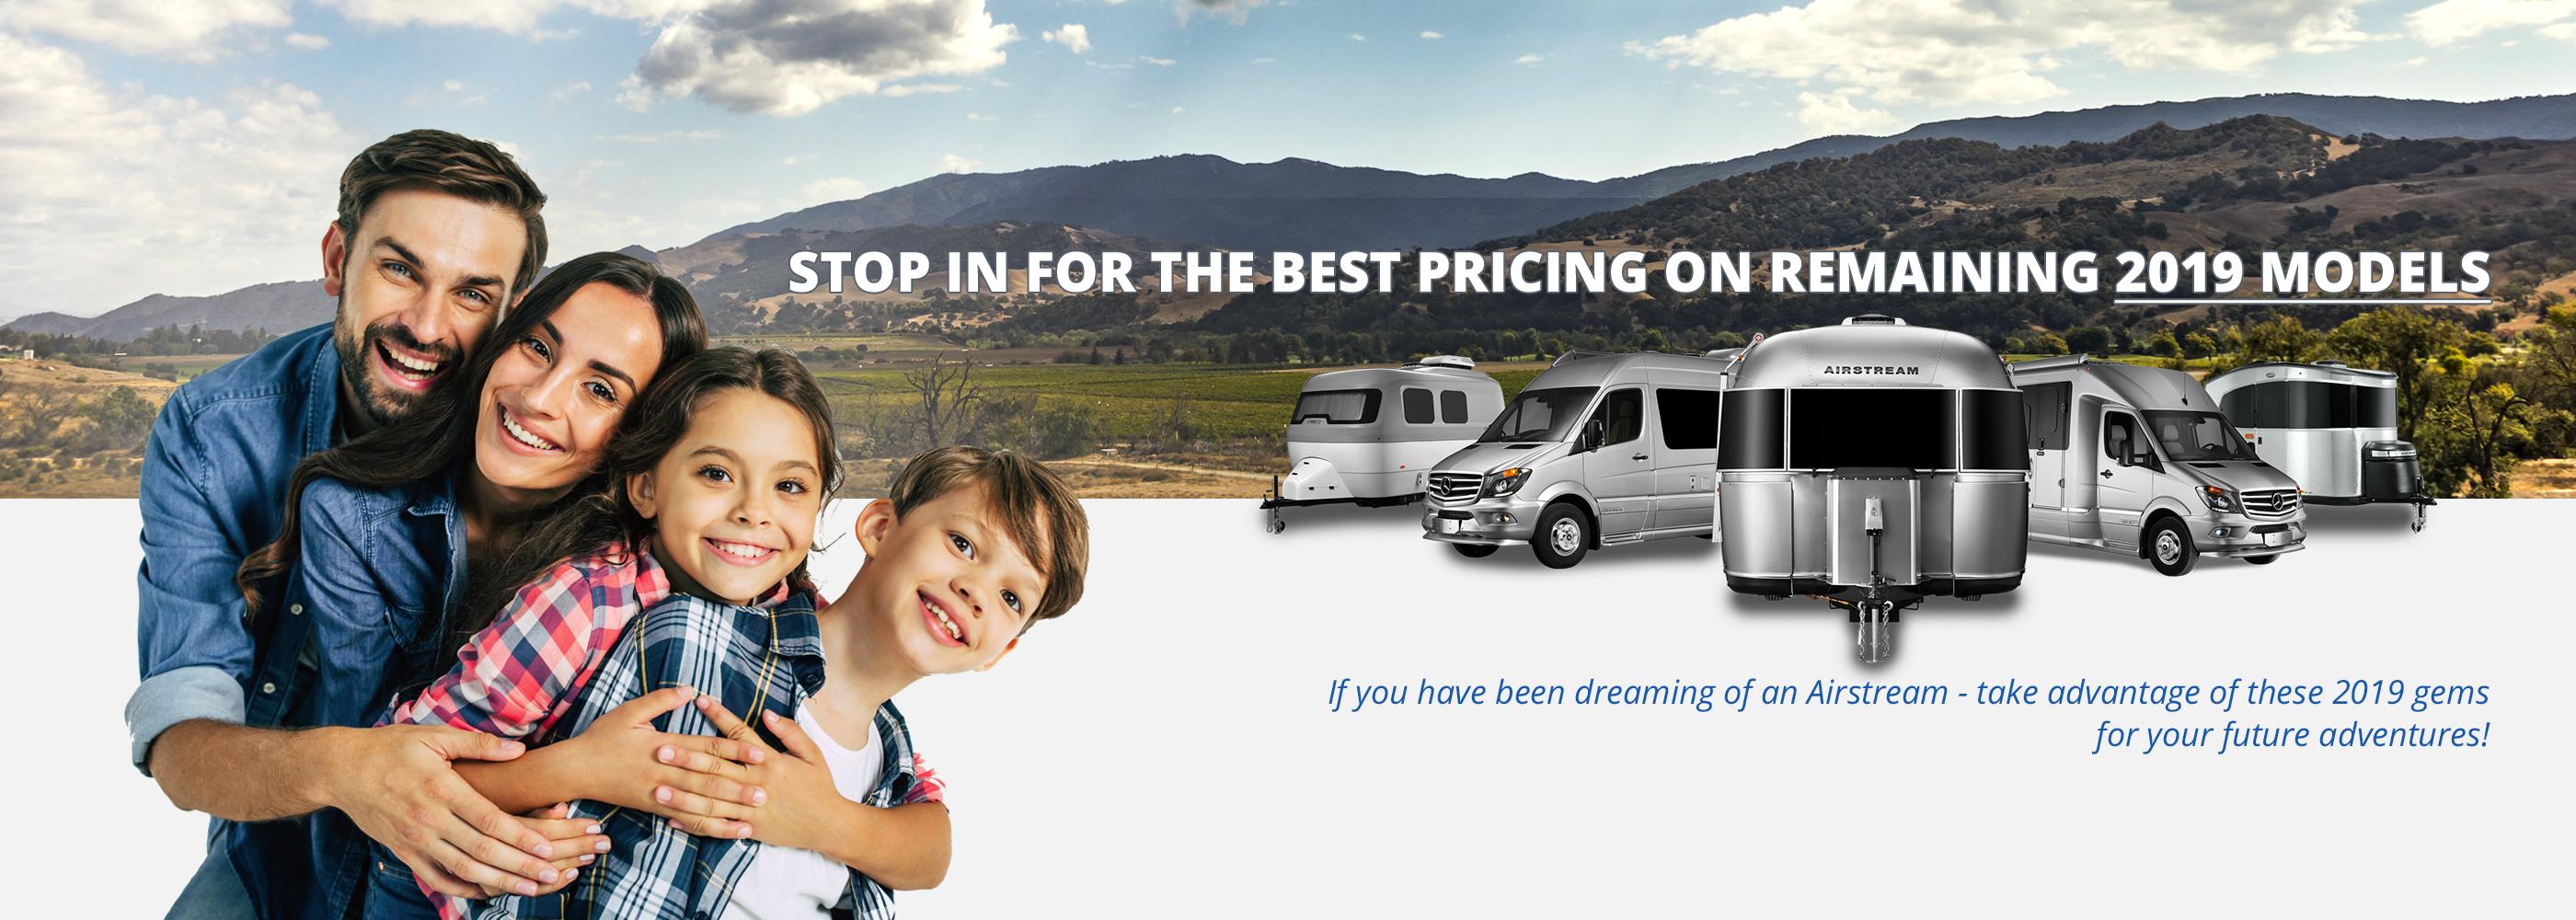 Airstream Santa Barbara: Airstream Dealership in California